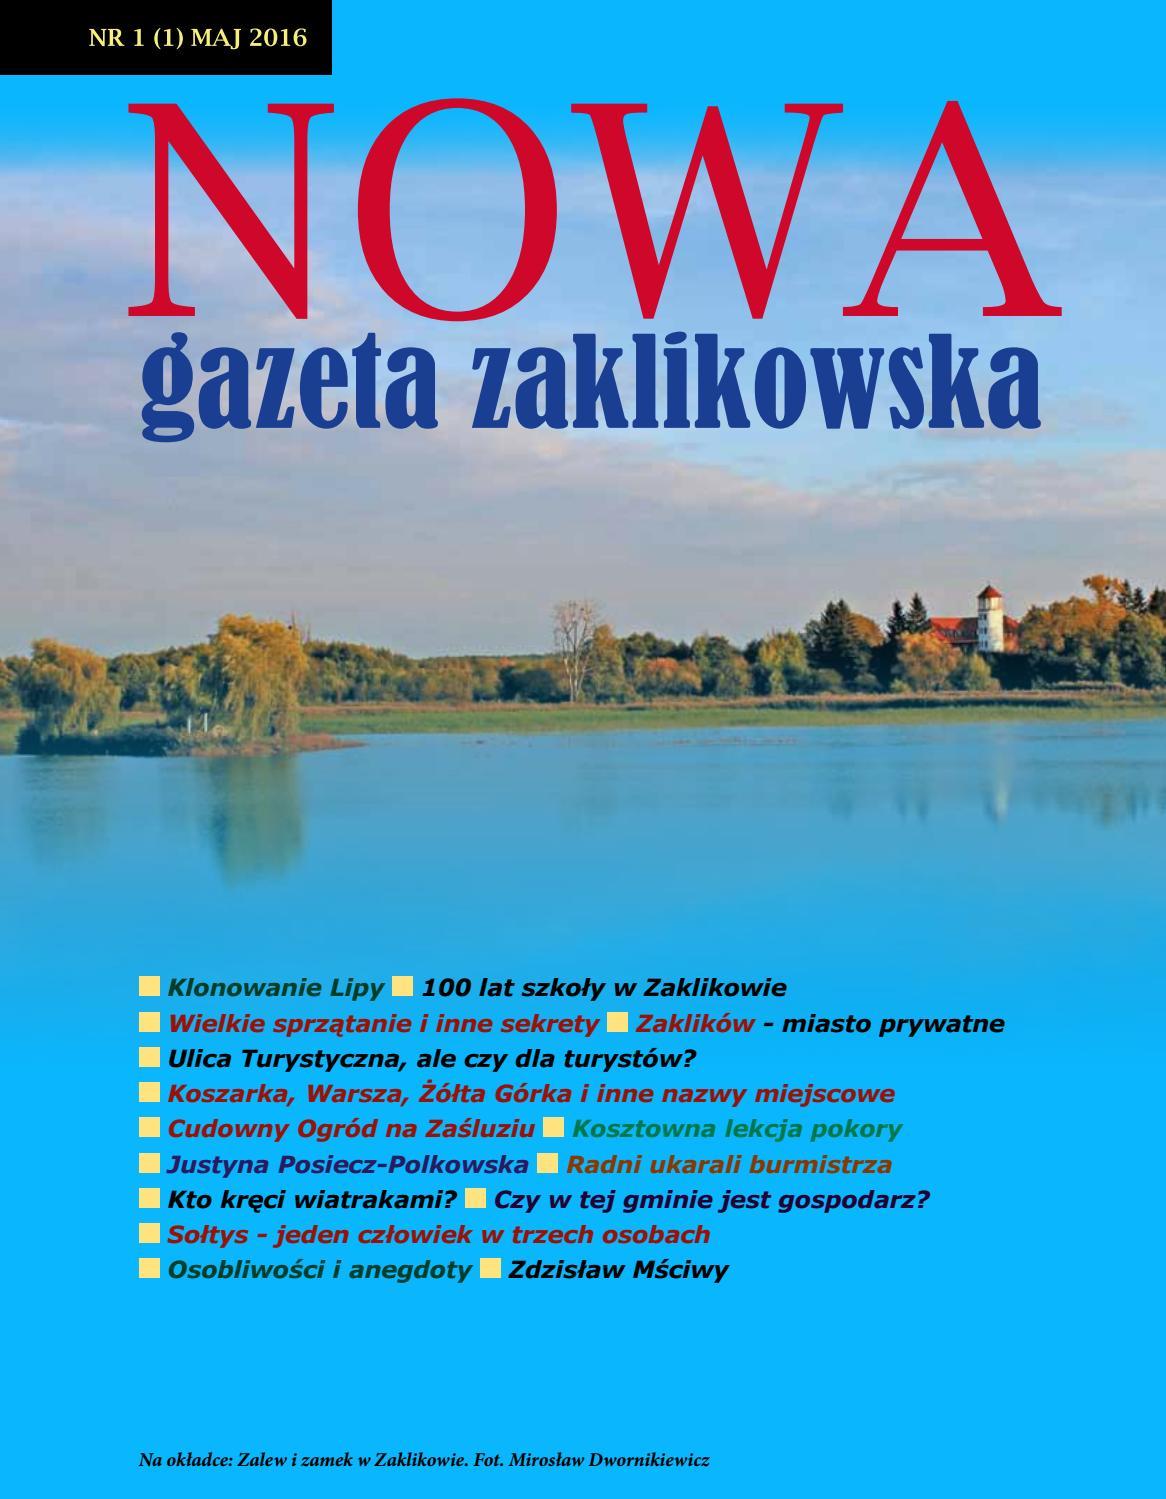 Nowa Gazeta Zaklikowska Nr 11 By Nowagazetazaklikowska Issuu